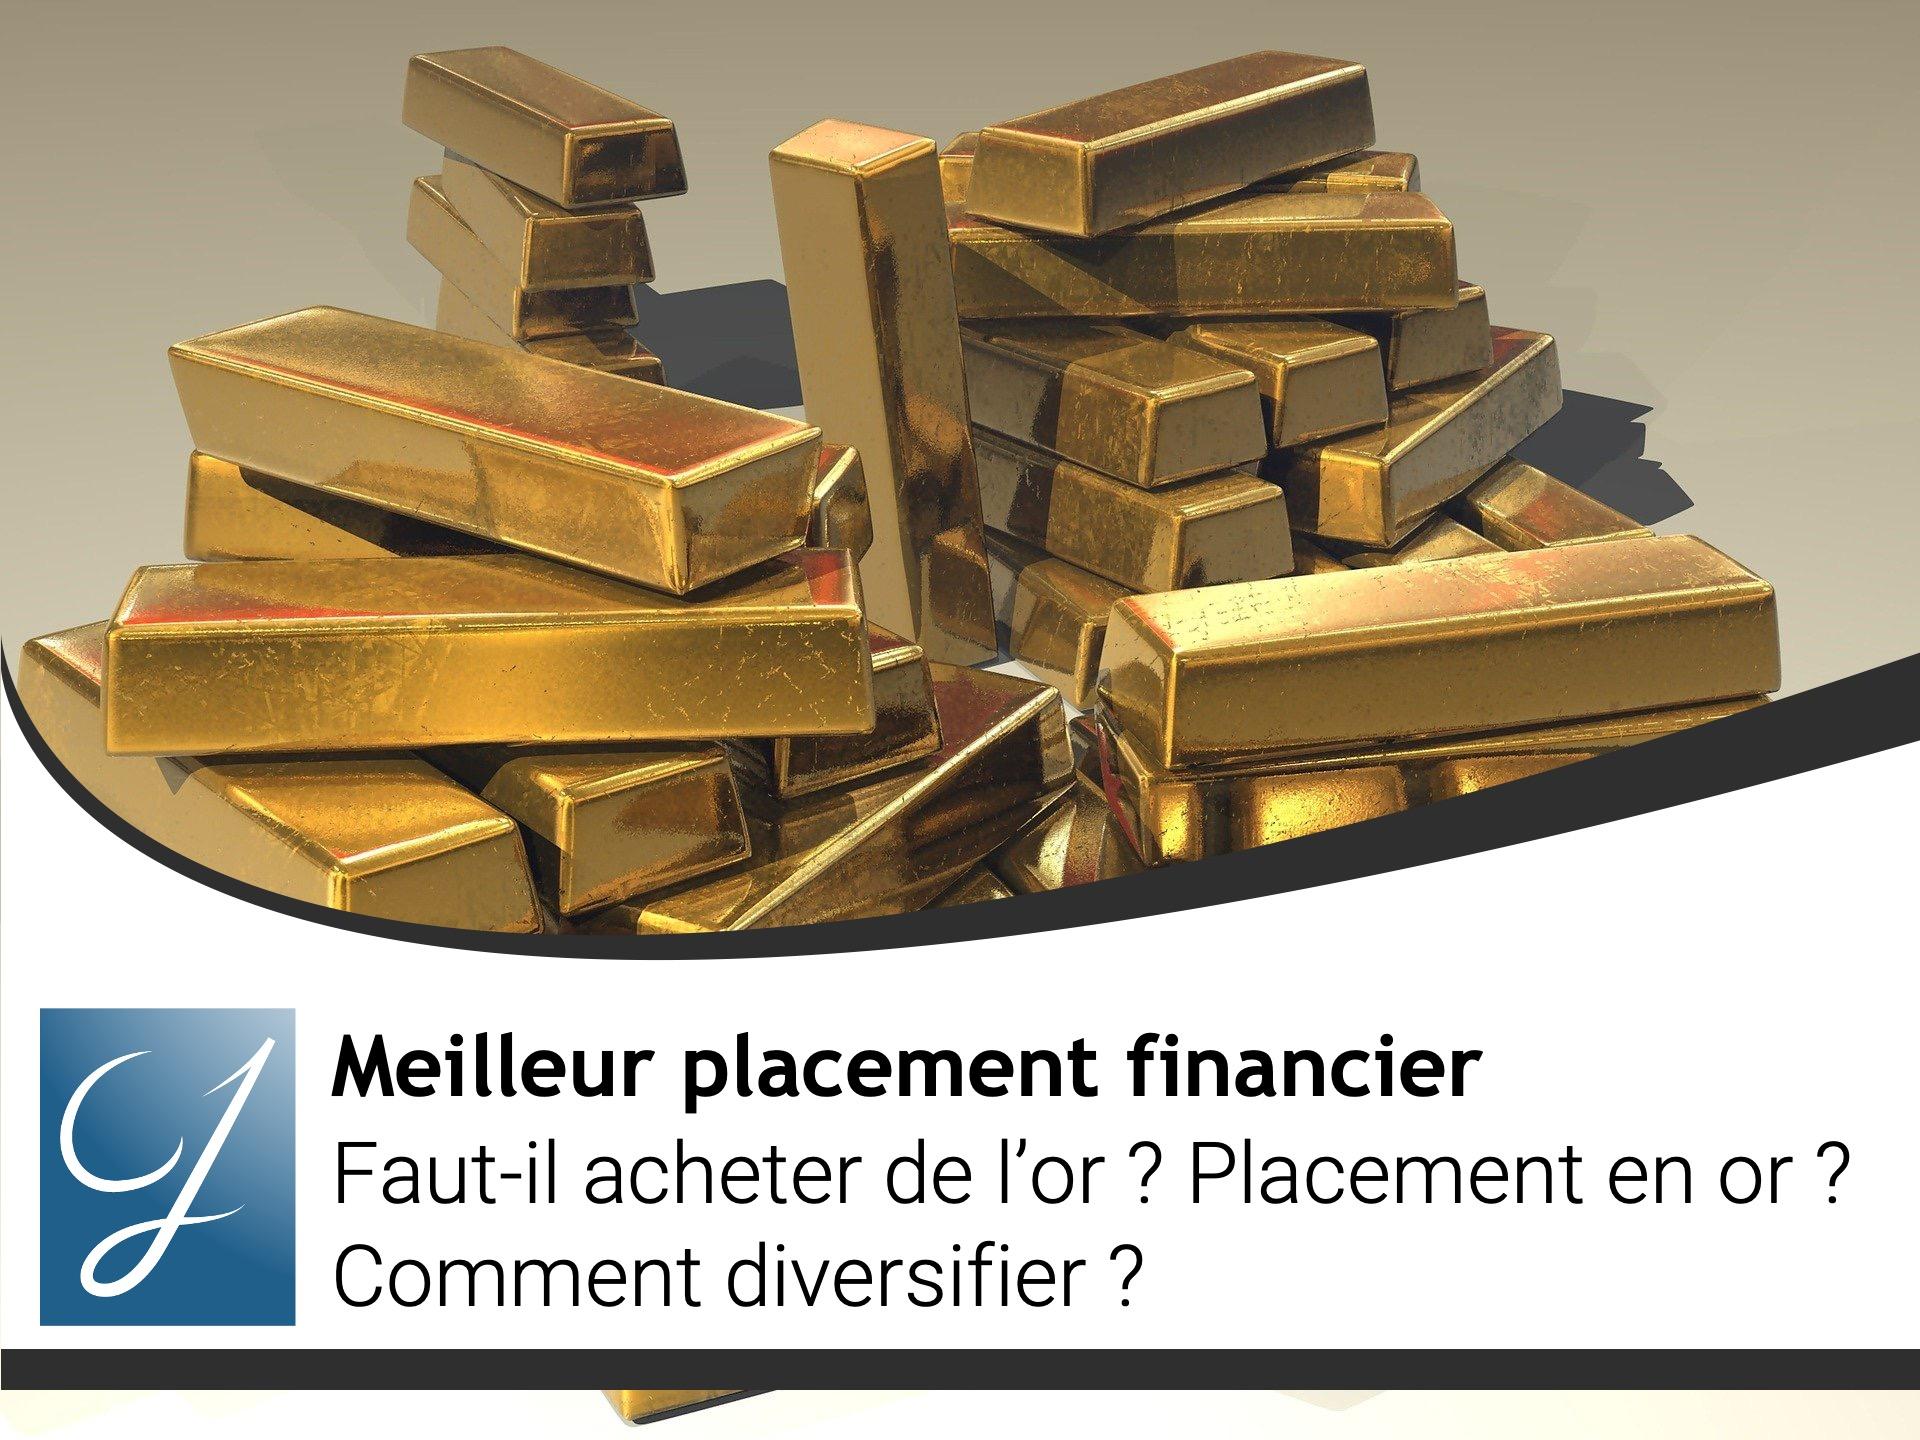 Faut-il acheter de l'or ? Placement en or ? Comment diversifier ?